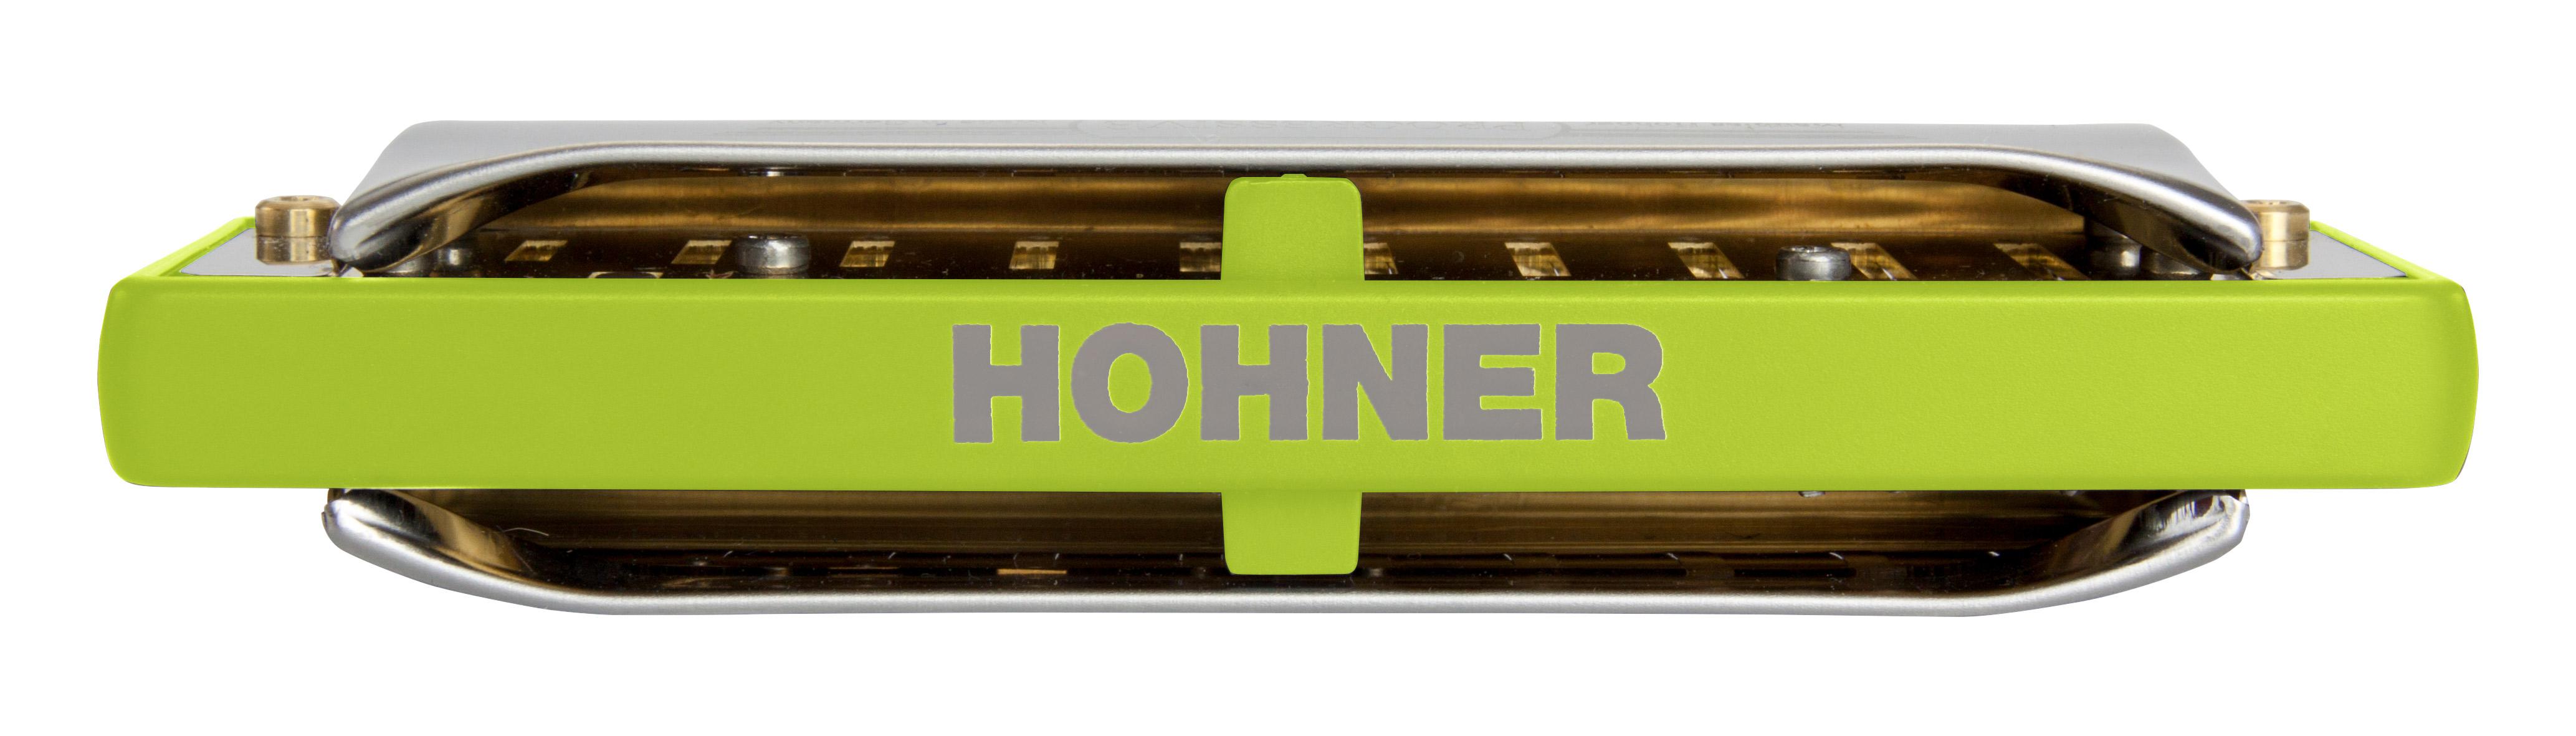 Hohner Rocket Amp C-major